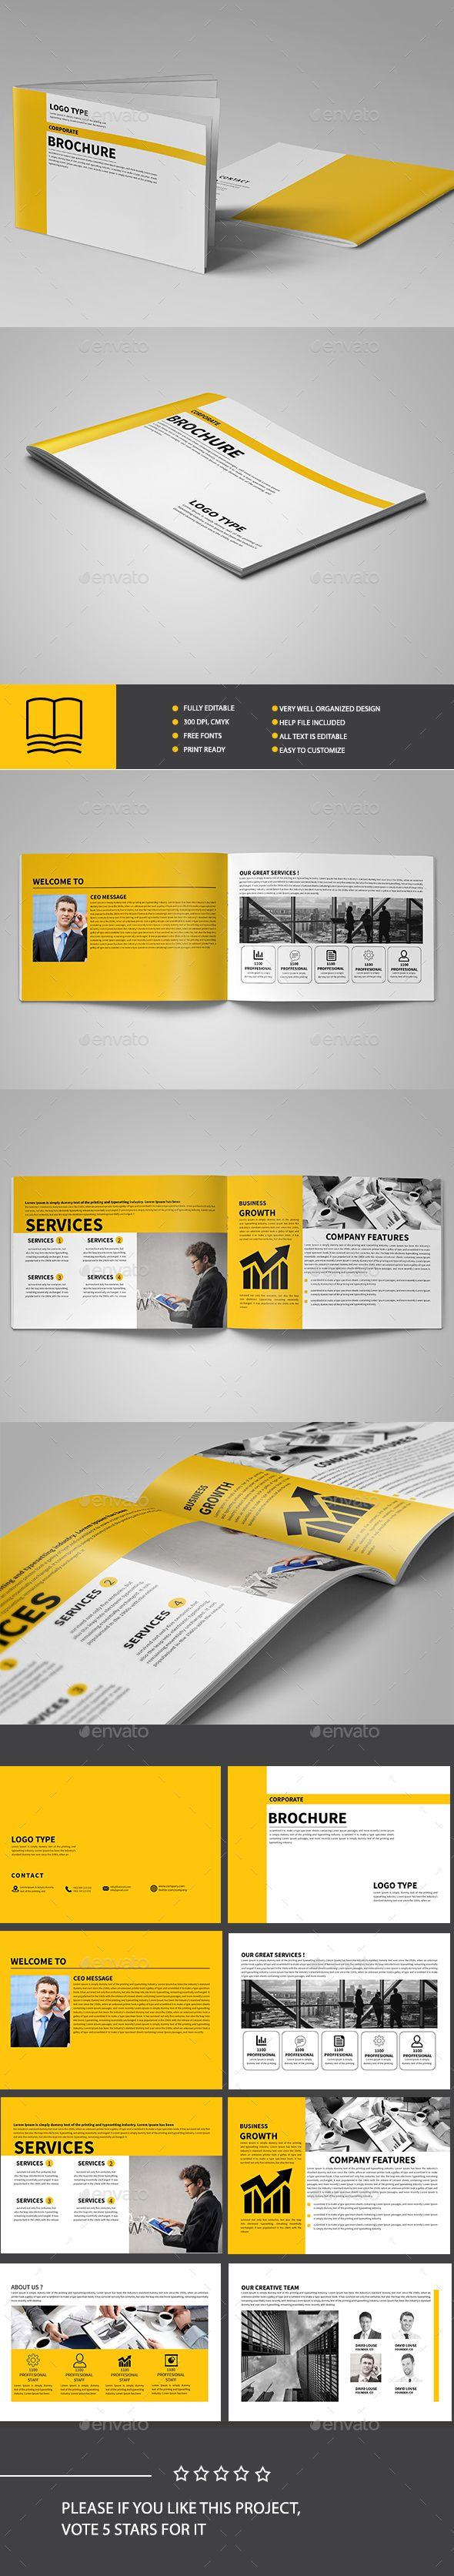 Corporate Brochure Template — InDesign Template